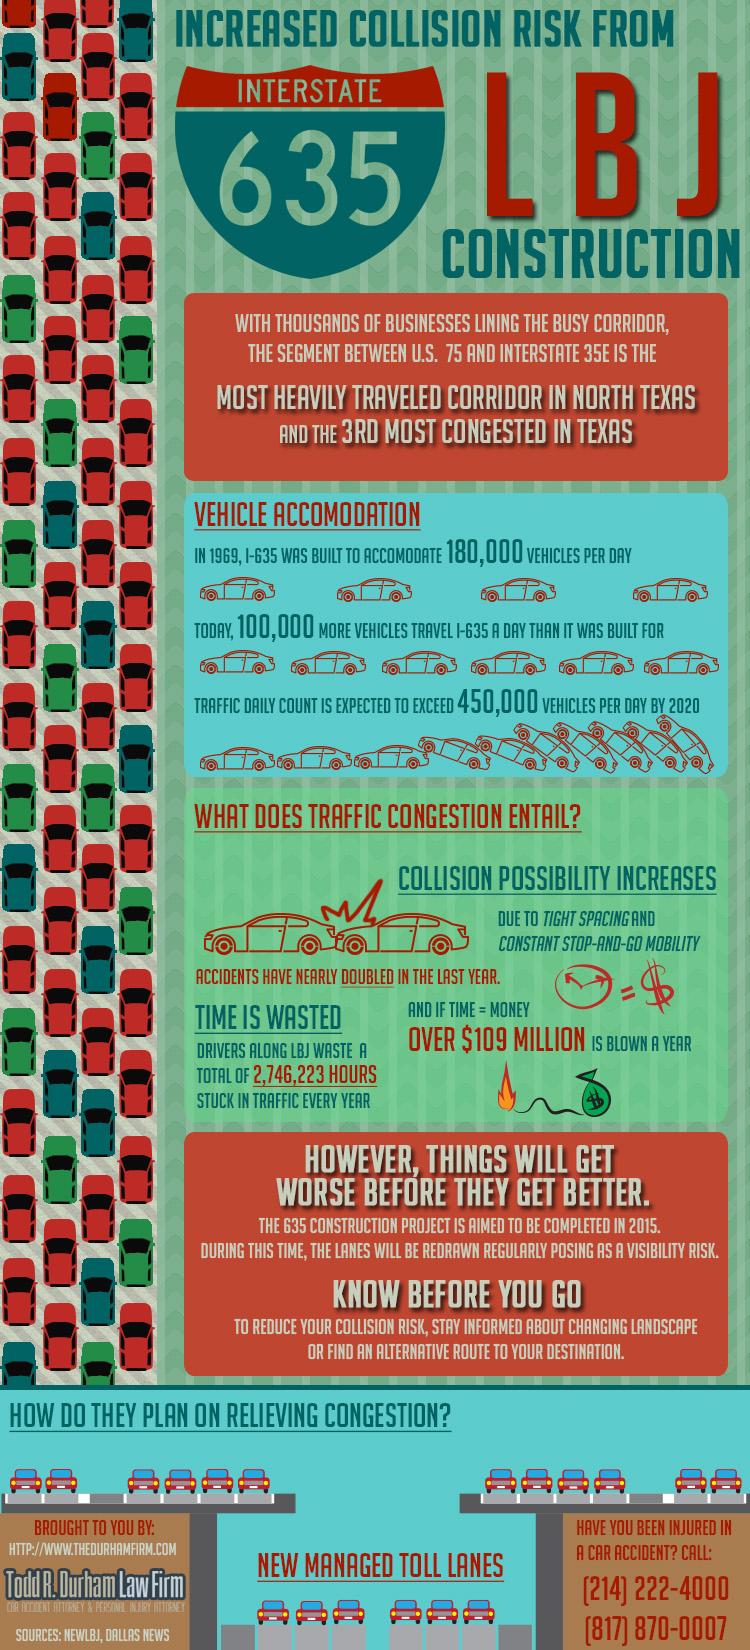 Car Accident Statistics I-635 LBJ Construction